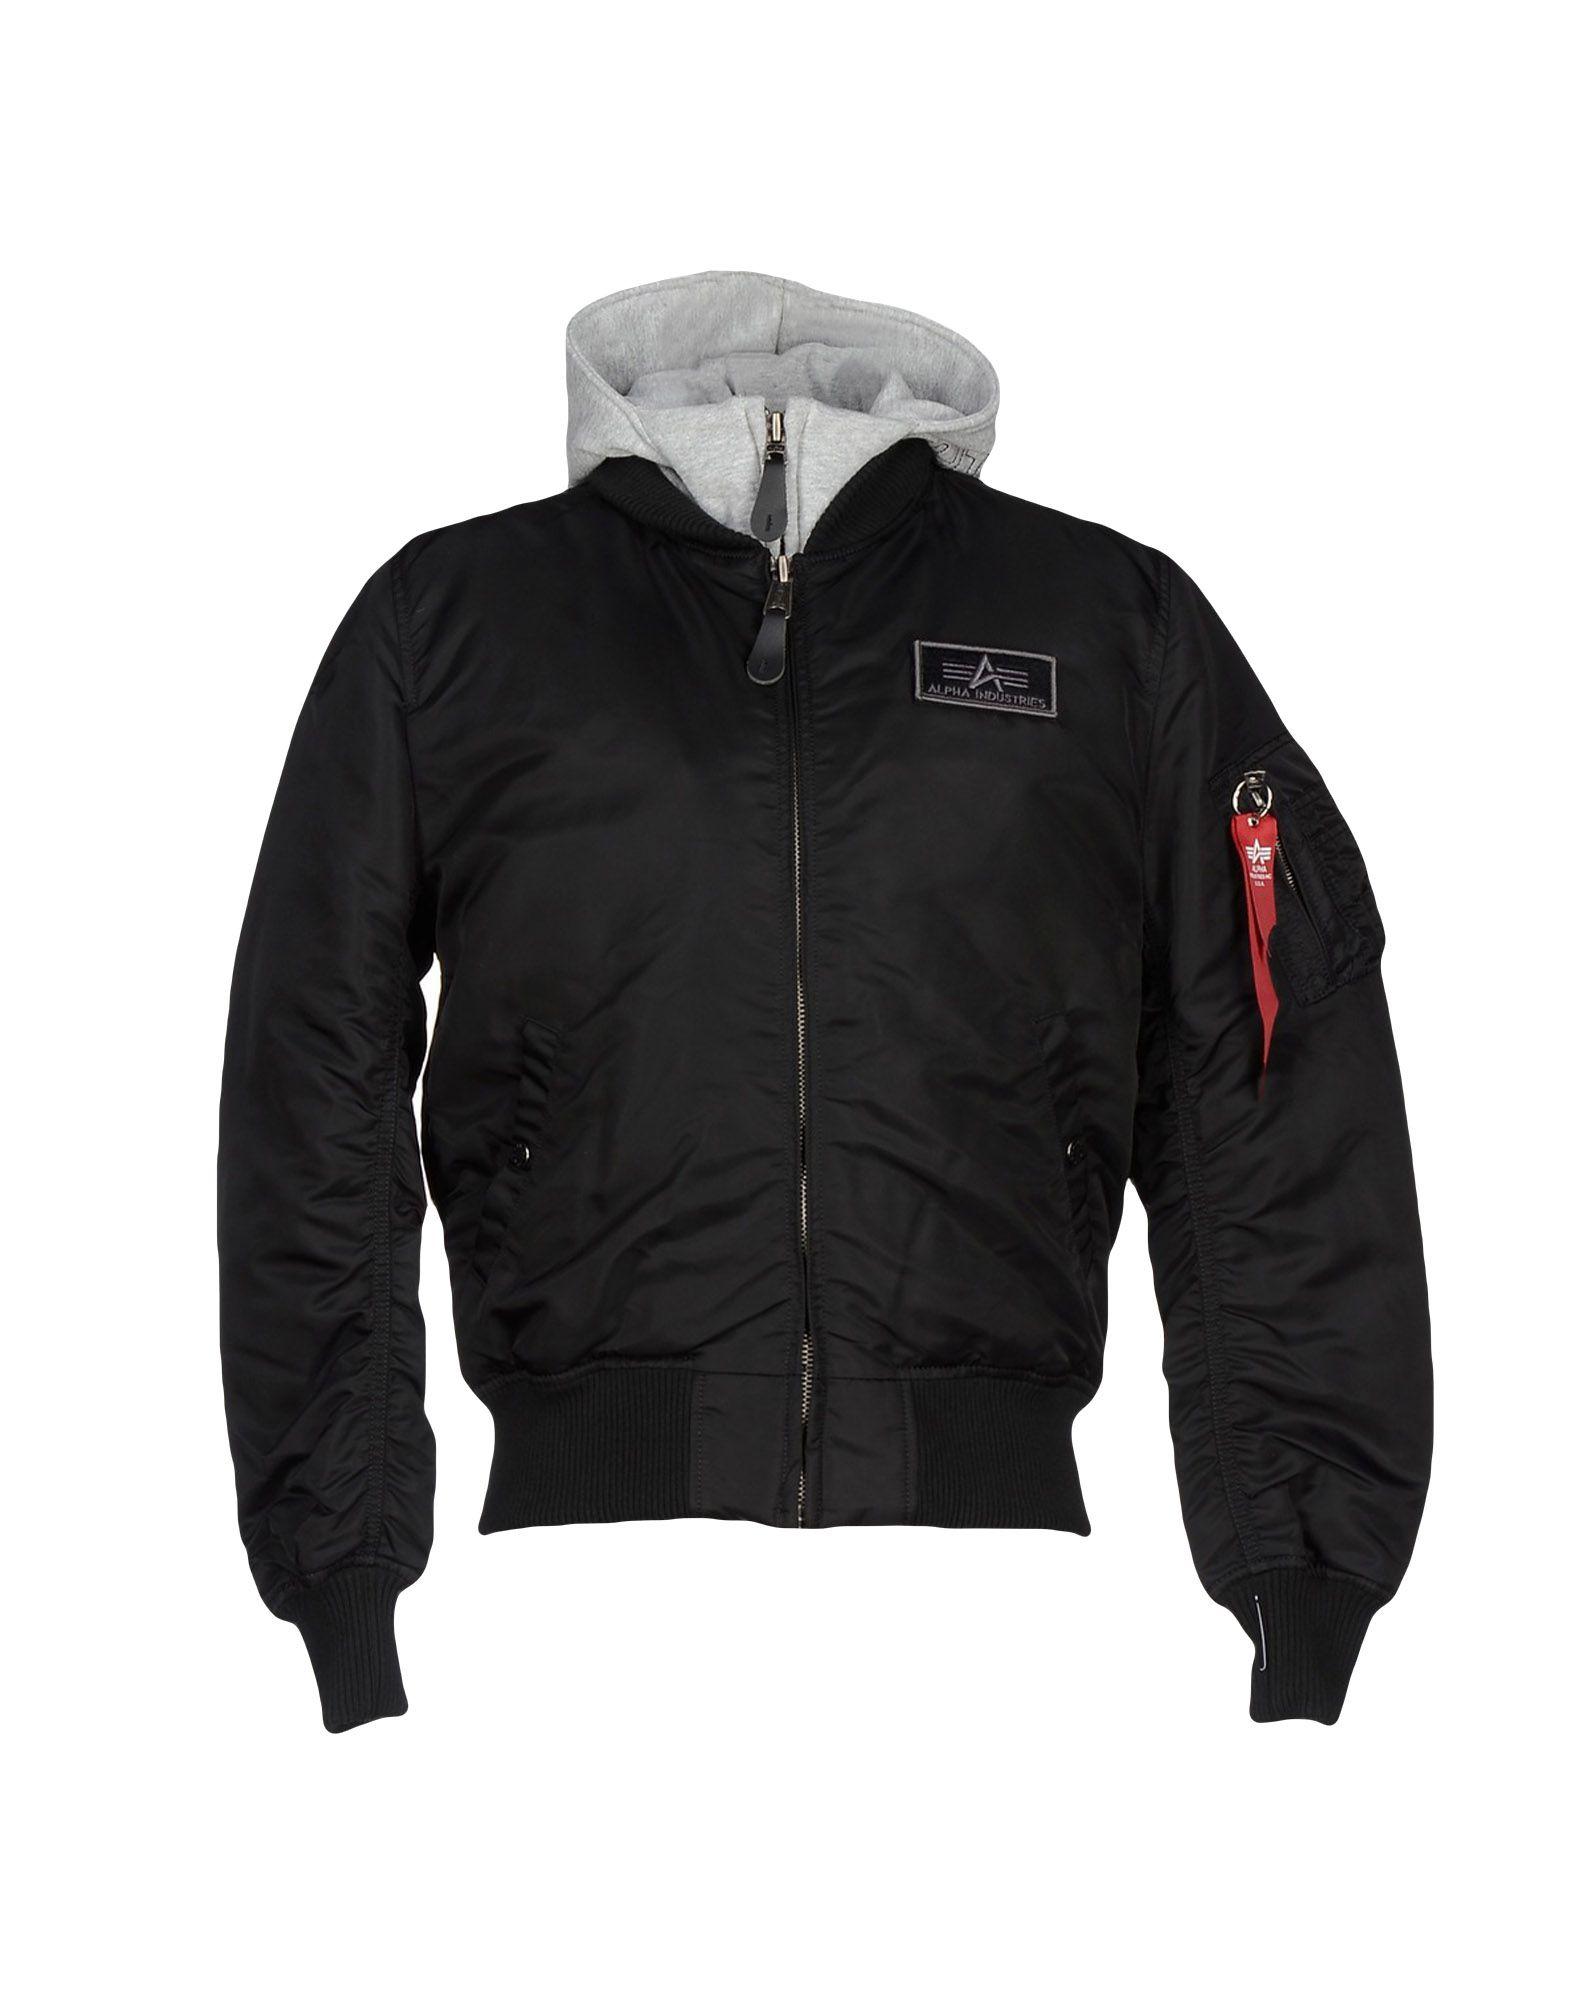 alpha industries jacket in black for men lyst. Black Bedroom Furniture Sets. Home Design Ideas